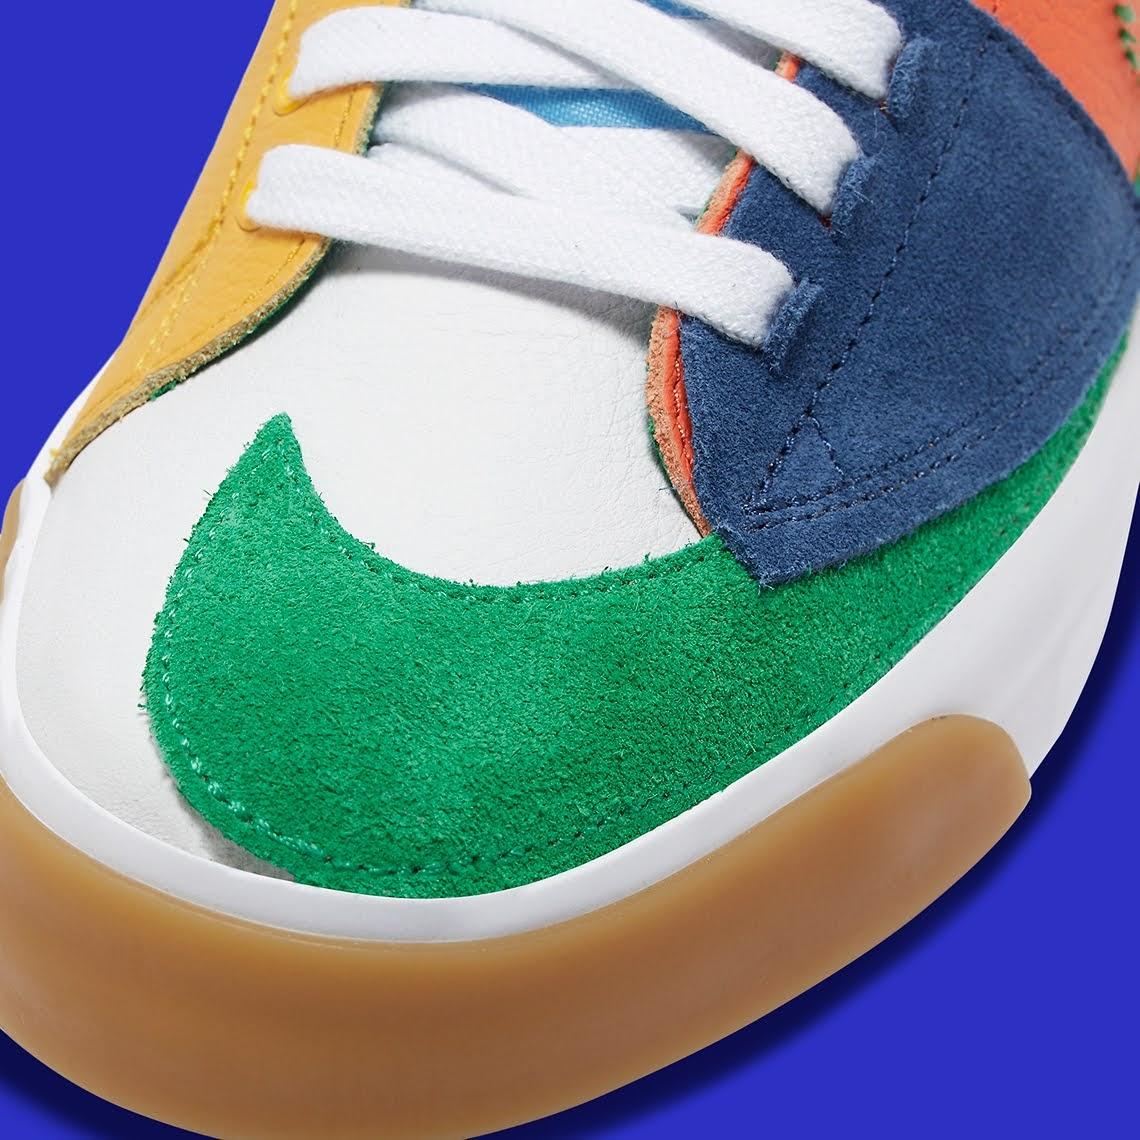 """ナイキ SB ブレーザー ミッド エッジ """"マルチカラー"""" Nike-SB-Blazer-Mid-Edge-Multi-Color-DA2189-800-toe"""